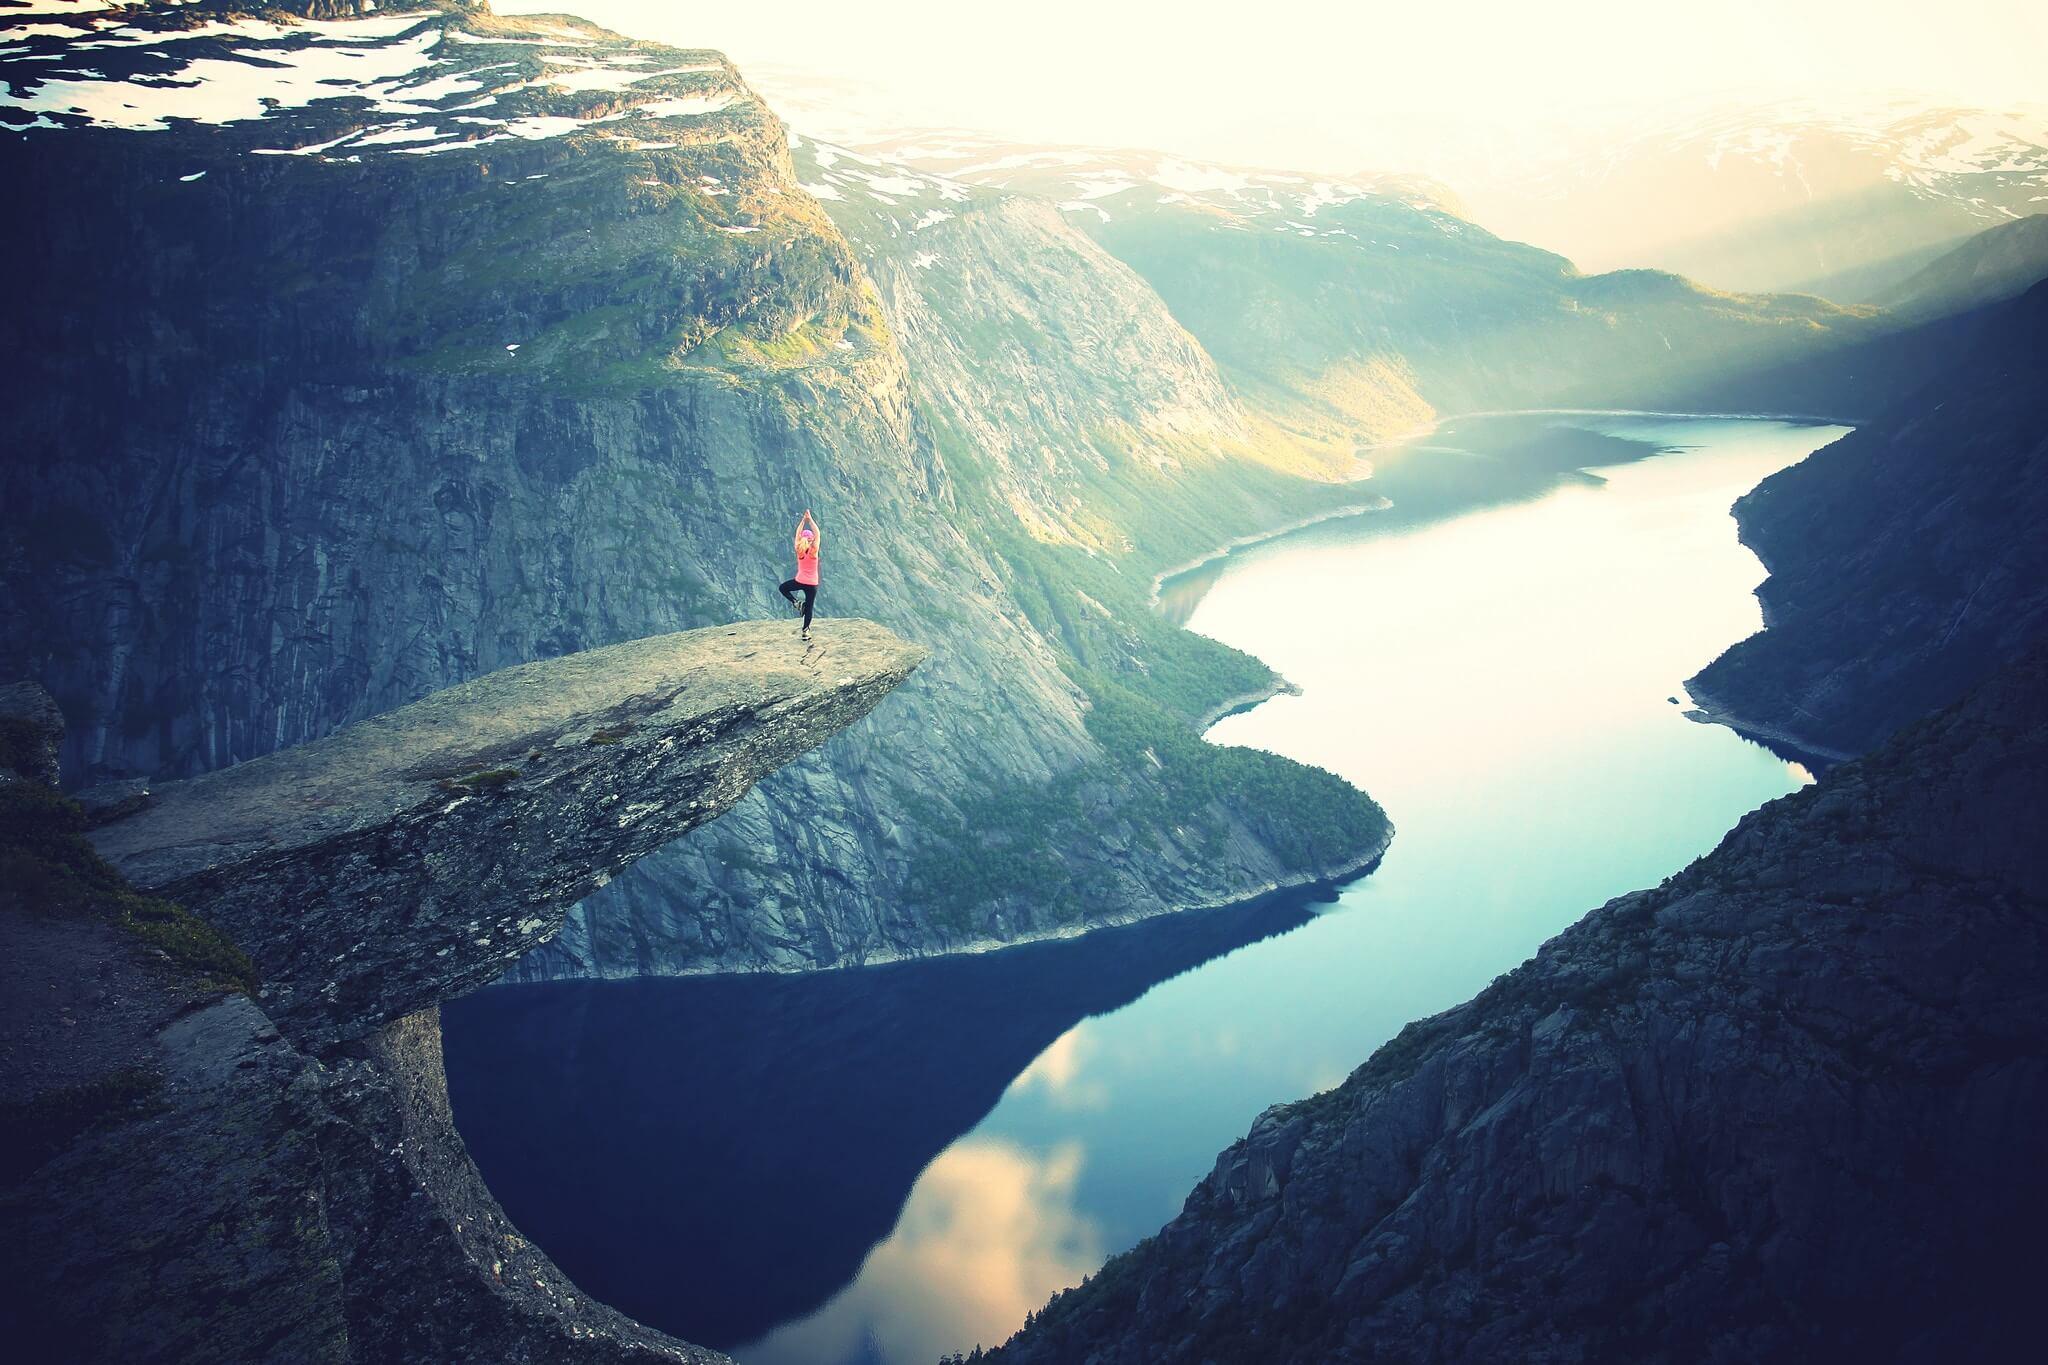 Proč většina předsevzetí končí selháním? 8 tipů, jak vydržet